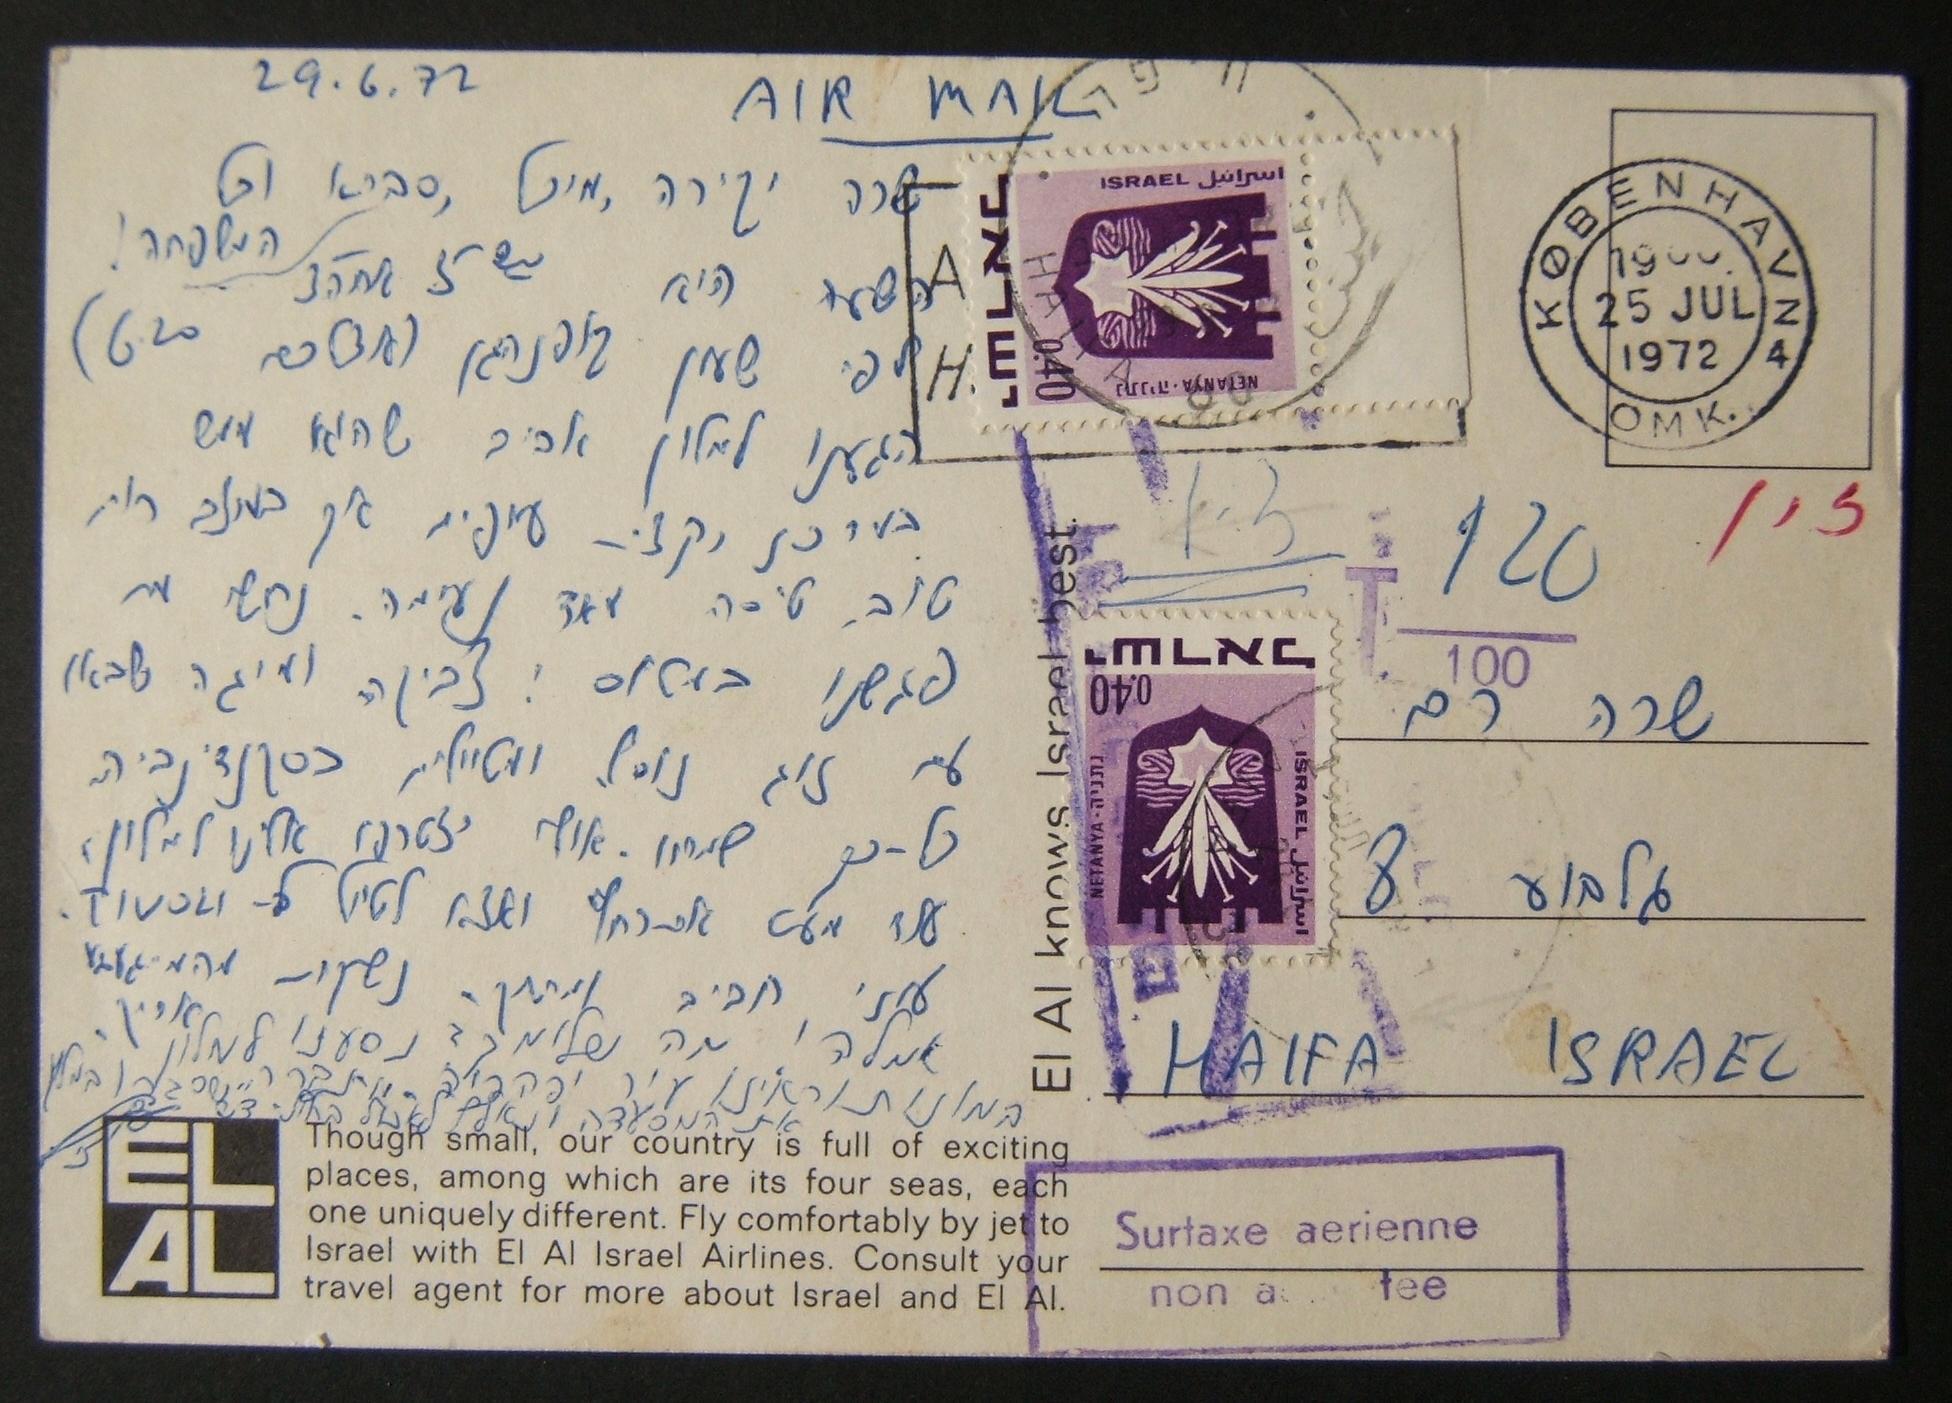 7/1972 البريد الجوي الدنماركي الذي لا يتناسب مع الرسائل المرسلة بالبريد العادي والضرائب. غير مدفوع ثم دفع